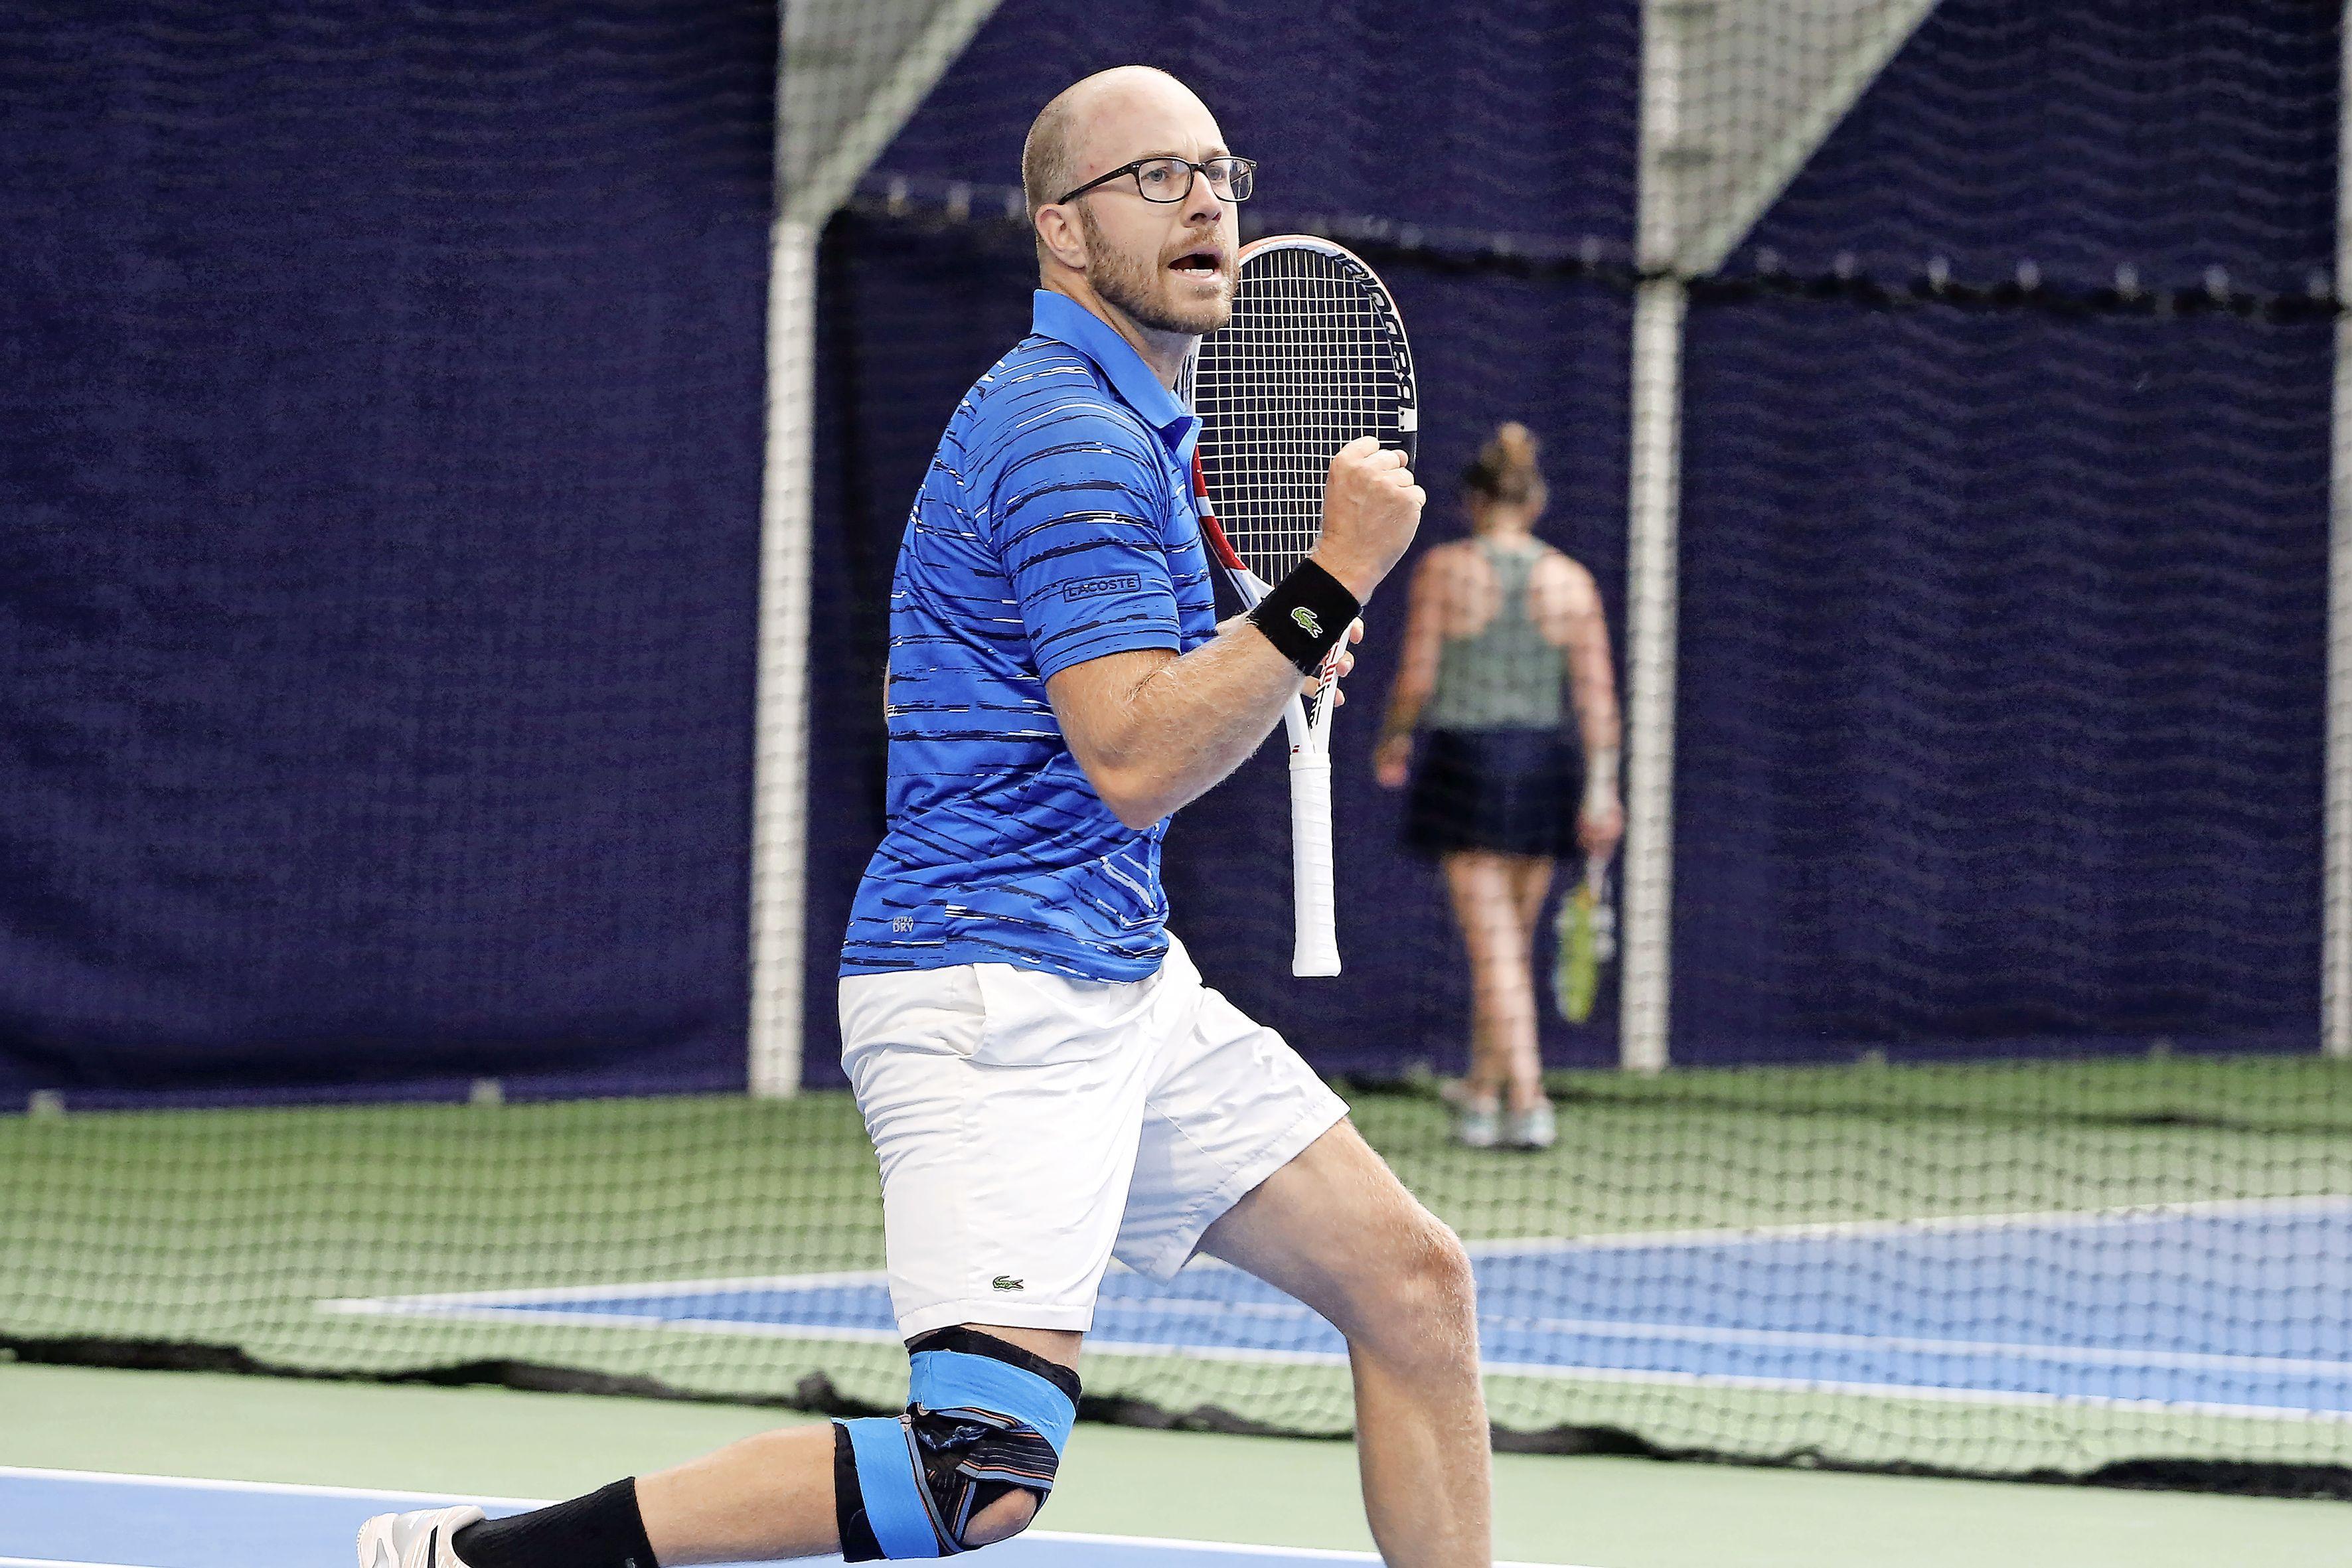 Ook met een dak boven zijn hoofd maakt Daniël Fennis favorietenstatus waar bij verregende 'thuiswedstrijd' Hoogerheide Open